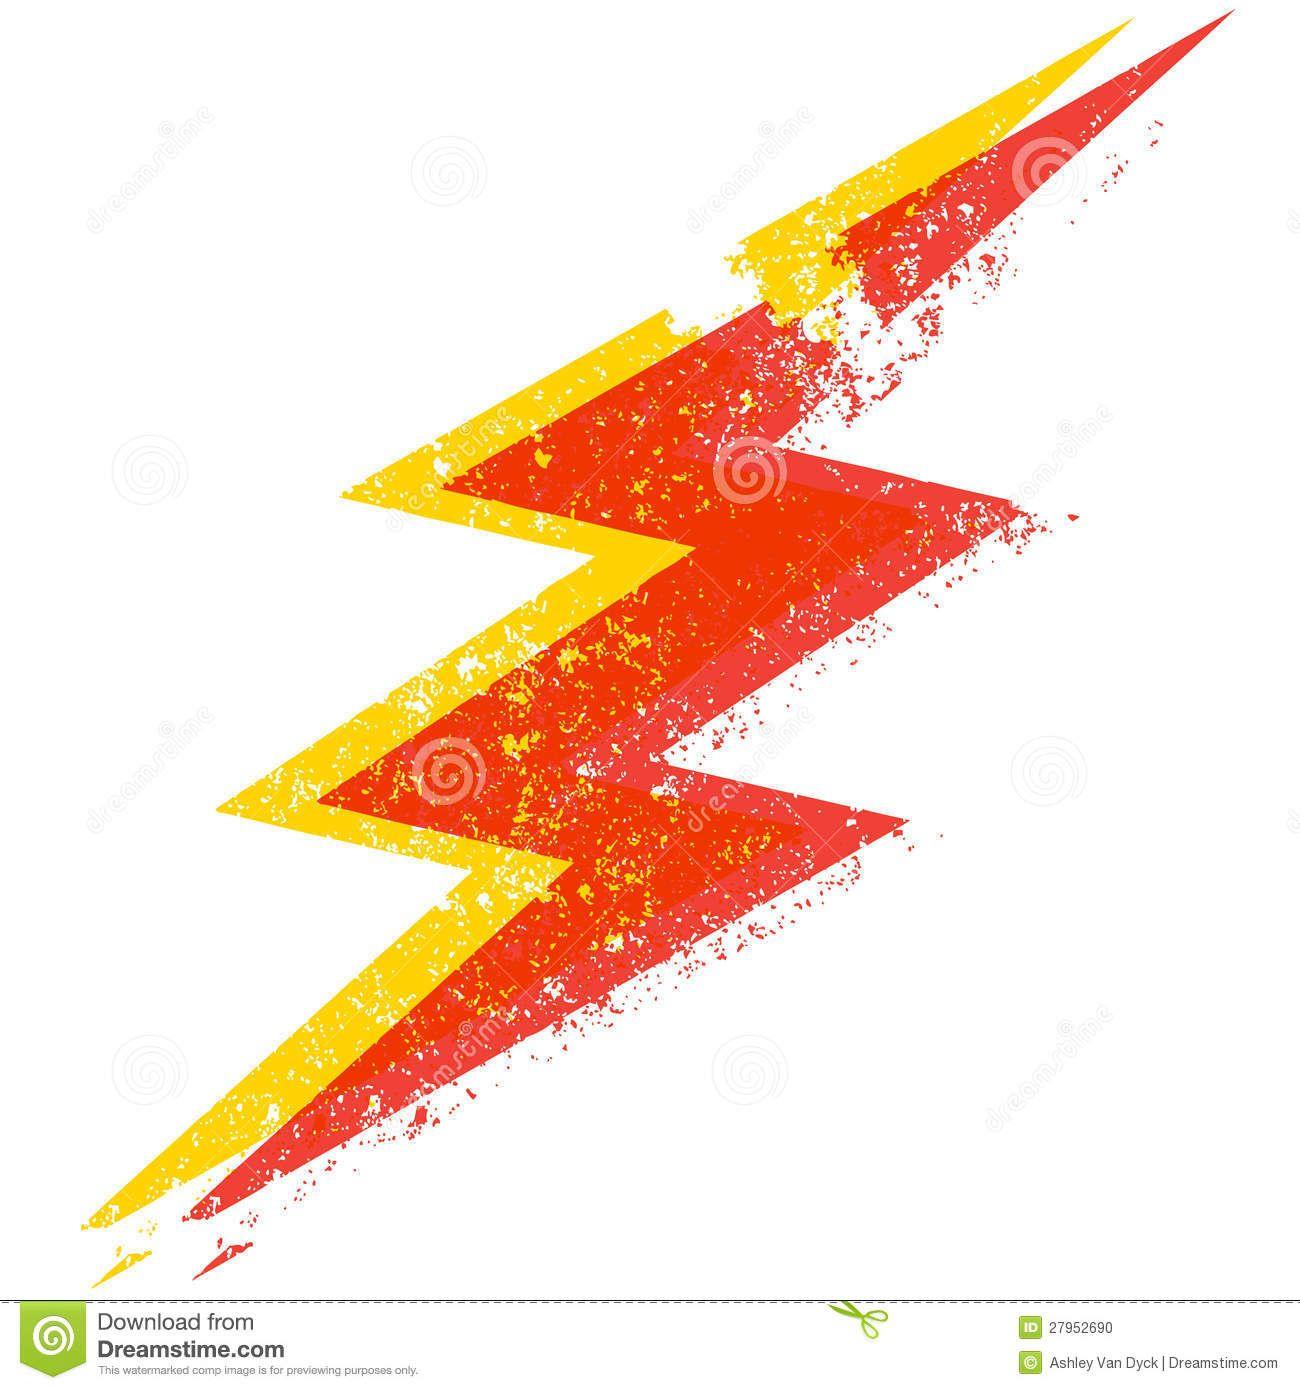 Image Result For Lightning Bolt Designs Lightning Bolt Design